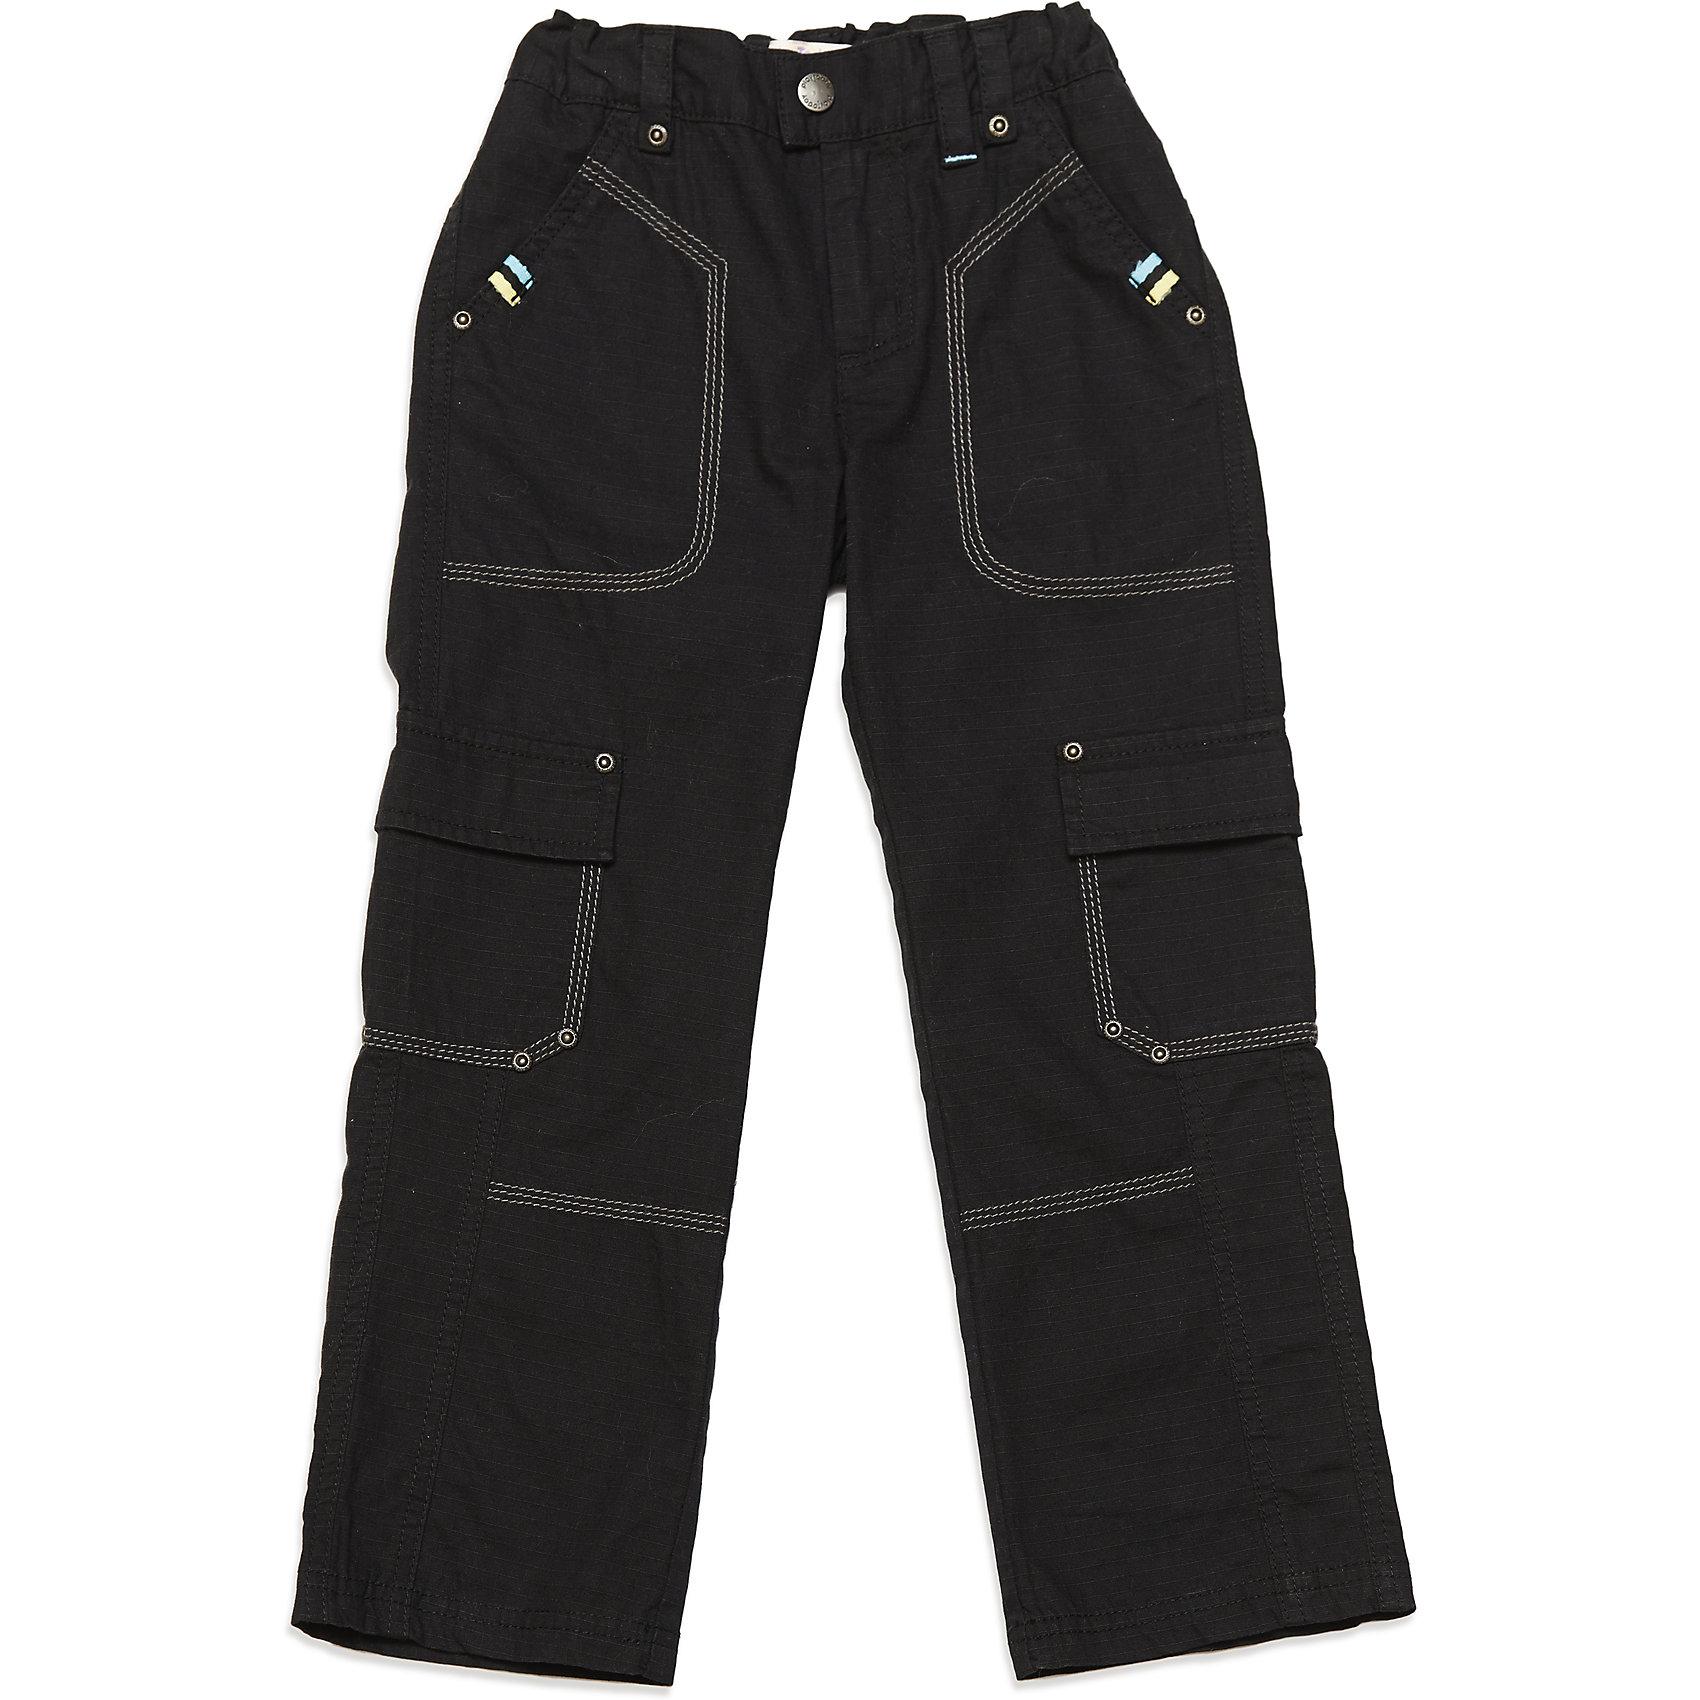 Брюки для мальчика PlayTodayБрюки<br>Брюки для мальчика от известного бренда PlayToday.<br>* брюки на трикотажной подкладке<br>* пояс регулируется внутренней резинкой<br>* застежка - молния, пуговица<br>* модель в стиле casual со множеством функциональных карманов: боковые прорезные функциональные карманы и накладные карманы с клапанами на липучке<br>* низ брюк на внутренней резинке<br>Состав:<br>Верх: 100% хлопок, подкладка:100% полиэстер<br><br>Ширина мм: 215<br>Глубина мм: 88<br>Высота мм: 191<br>Вес г: 336<br>Цвет: синий<br>Возраст от месяцев: 60<br>Возраст до месяцев: 72<br>Пол: Мужской<br>Возраст: Детский<br>Размер: 116,98,122,104,128,110<br>SKU: 4900179